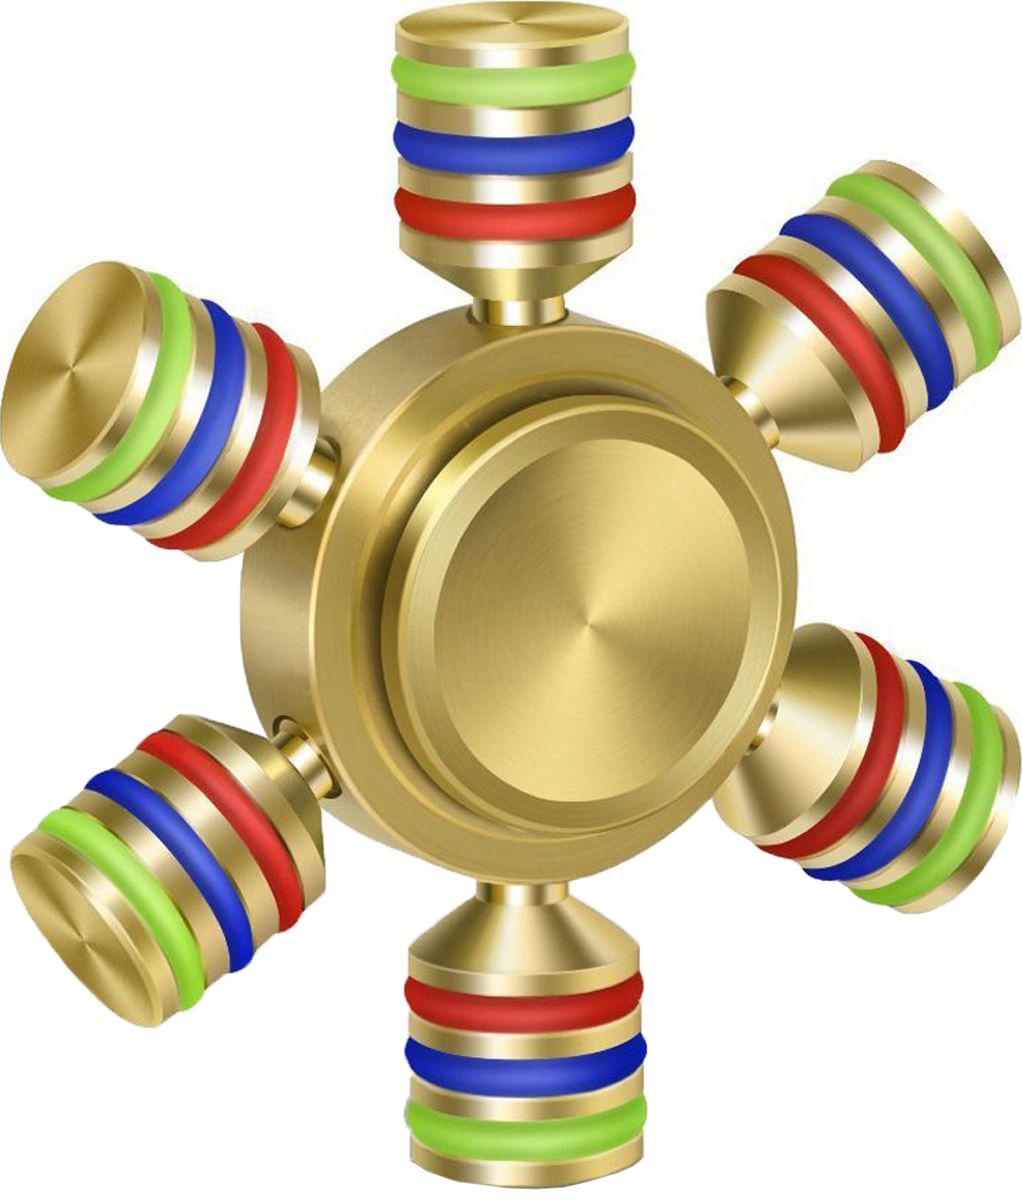 TipTop Спиннер-штурвал цвет золотой ВР-00000820 tiptop спиннер штурвал цвет золотой вр 00000825